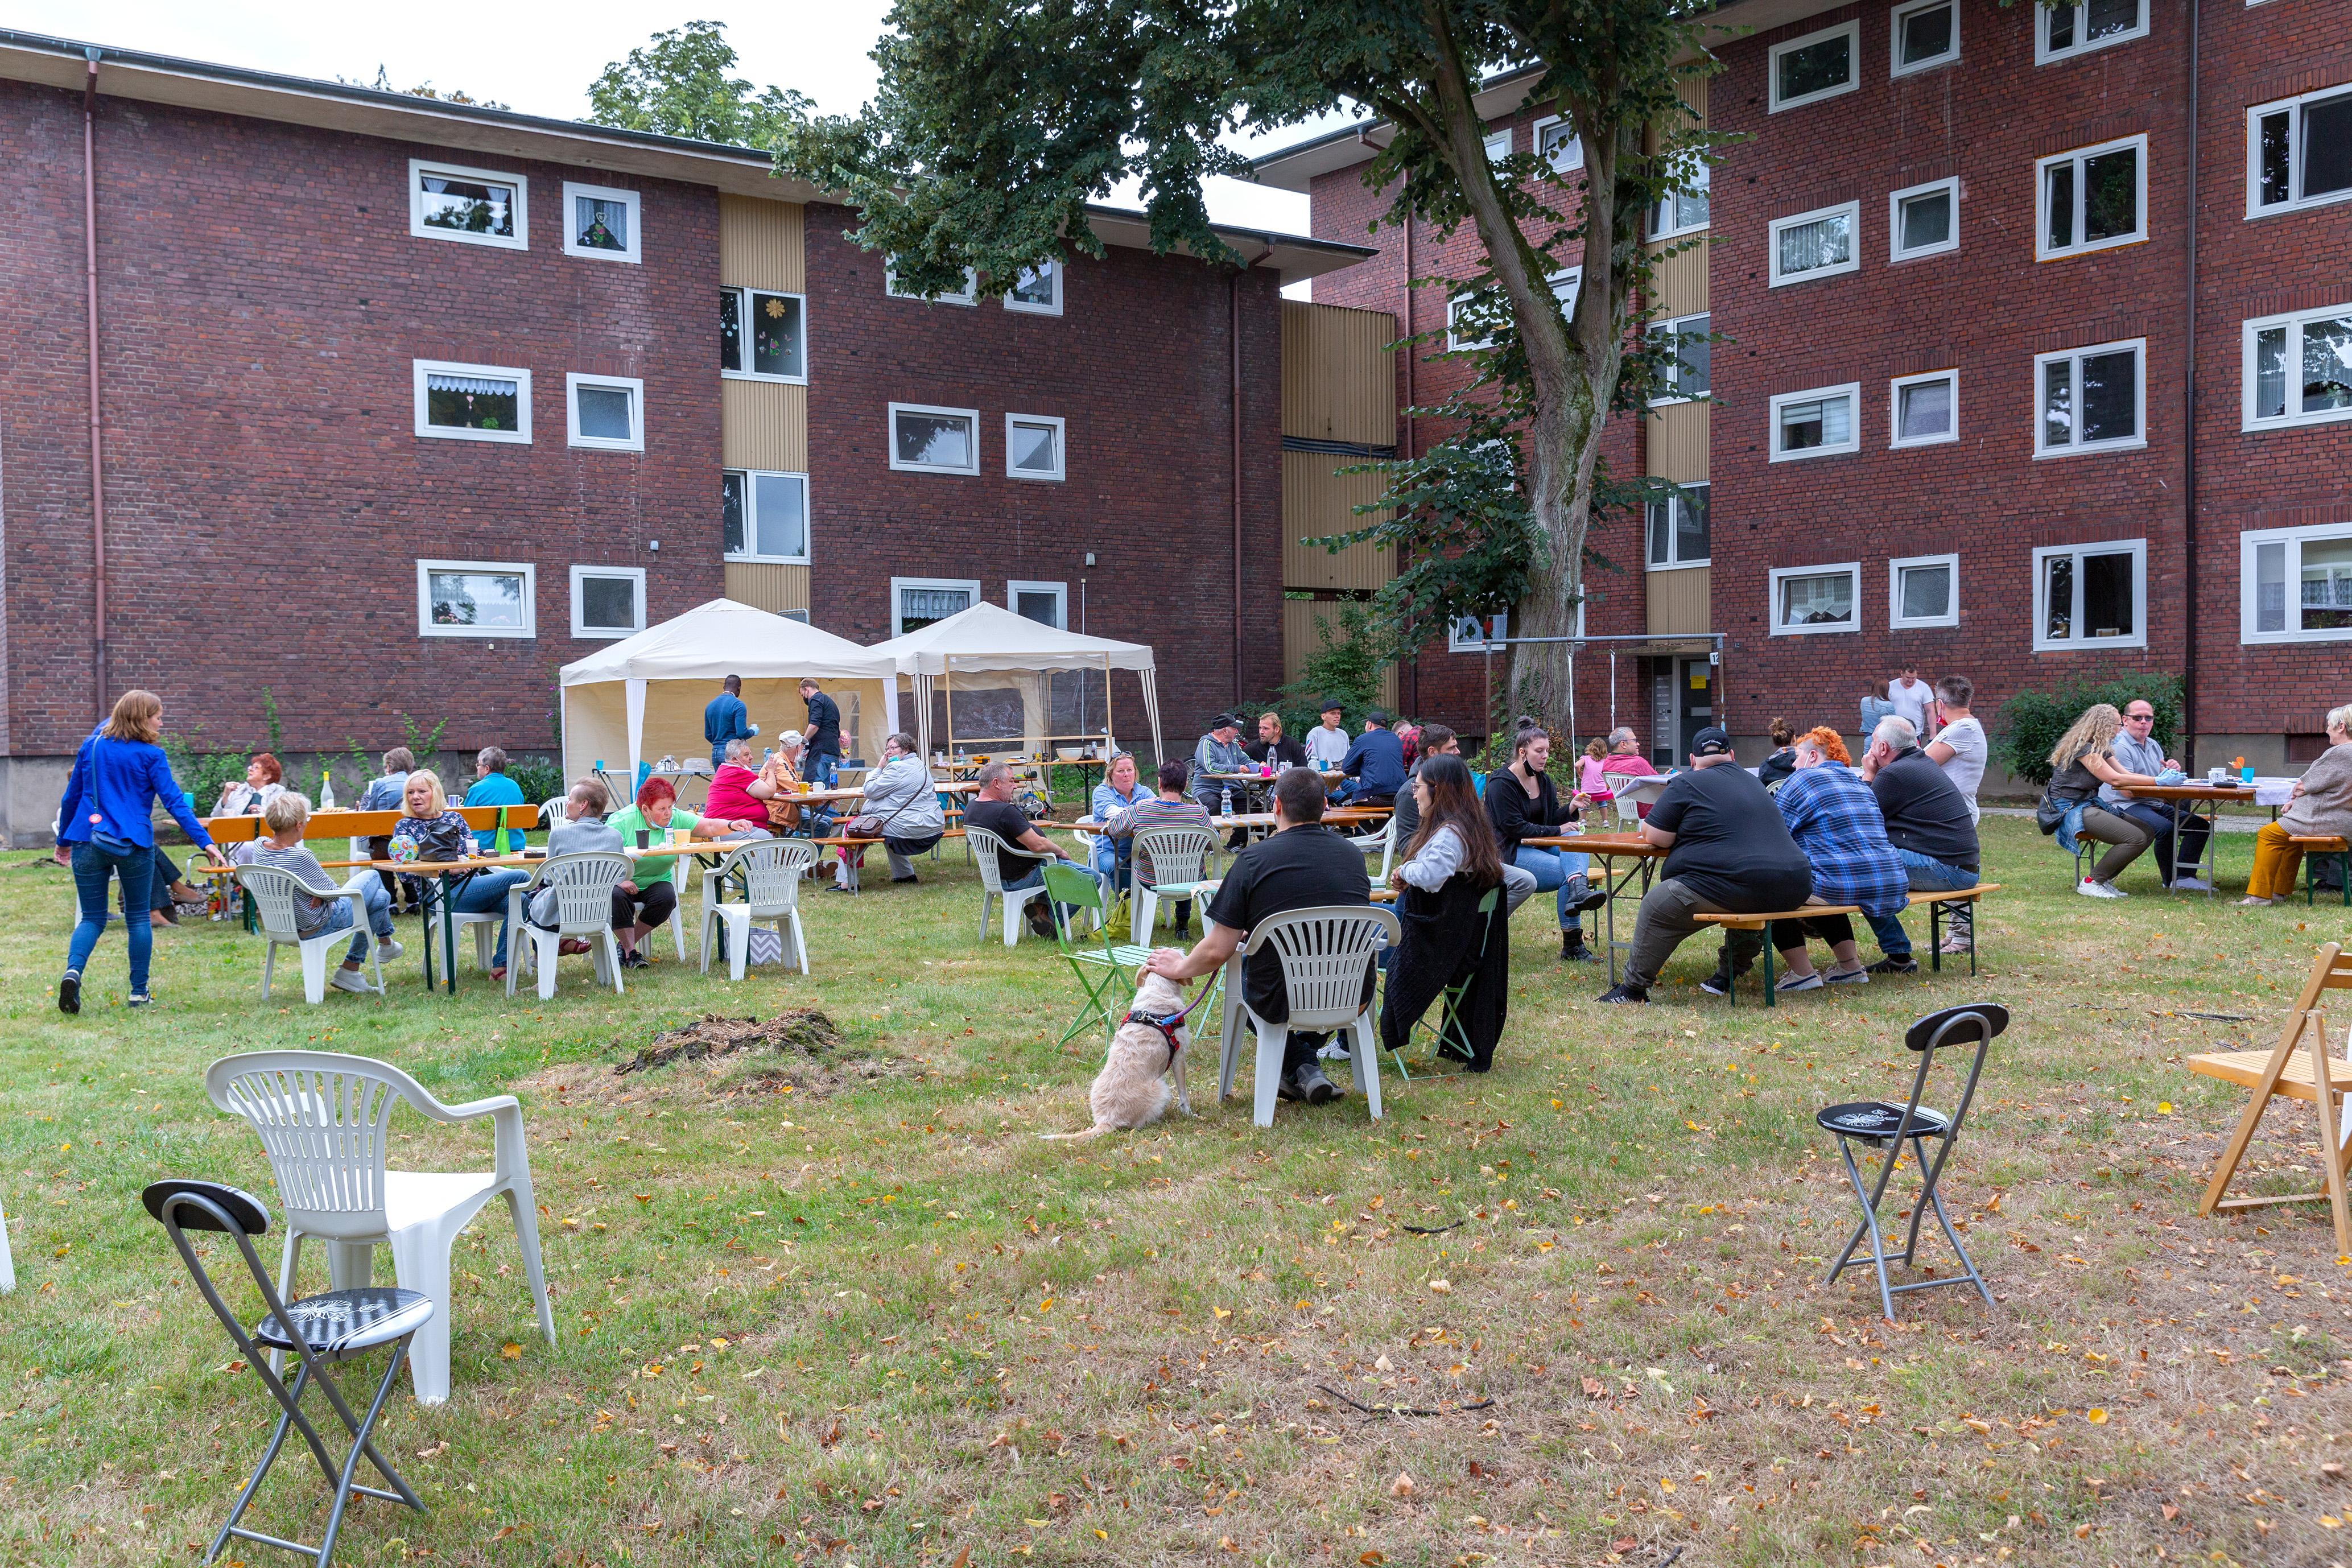 Fröhliches Siedlerfest am Hesterkampsweg